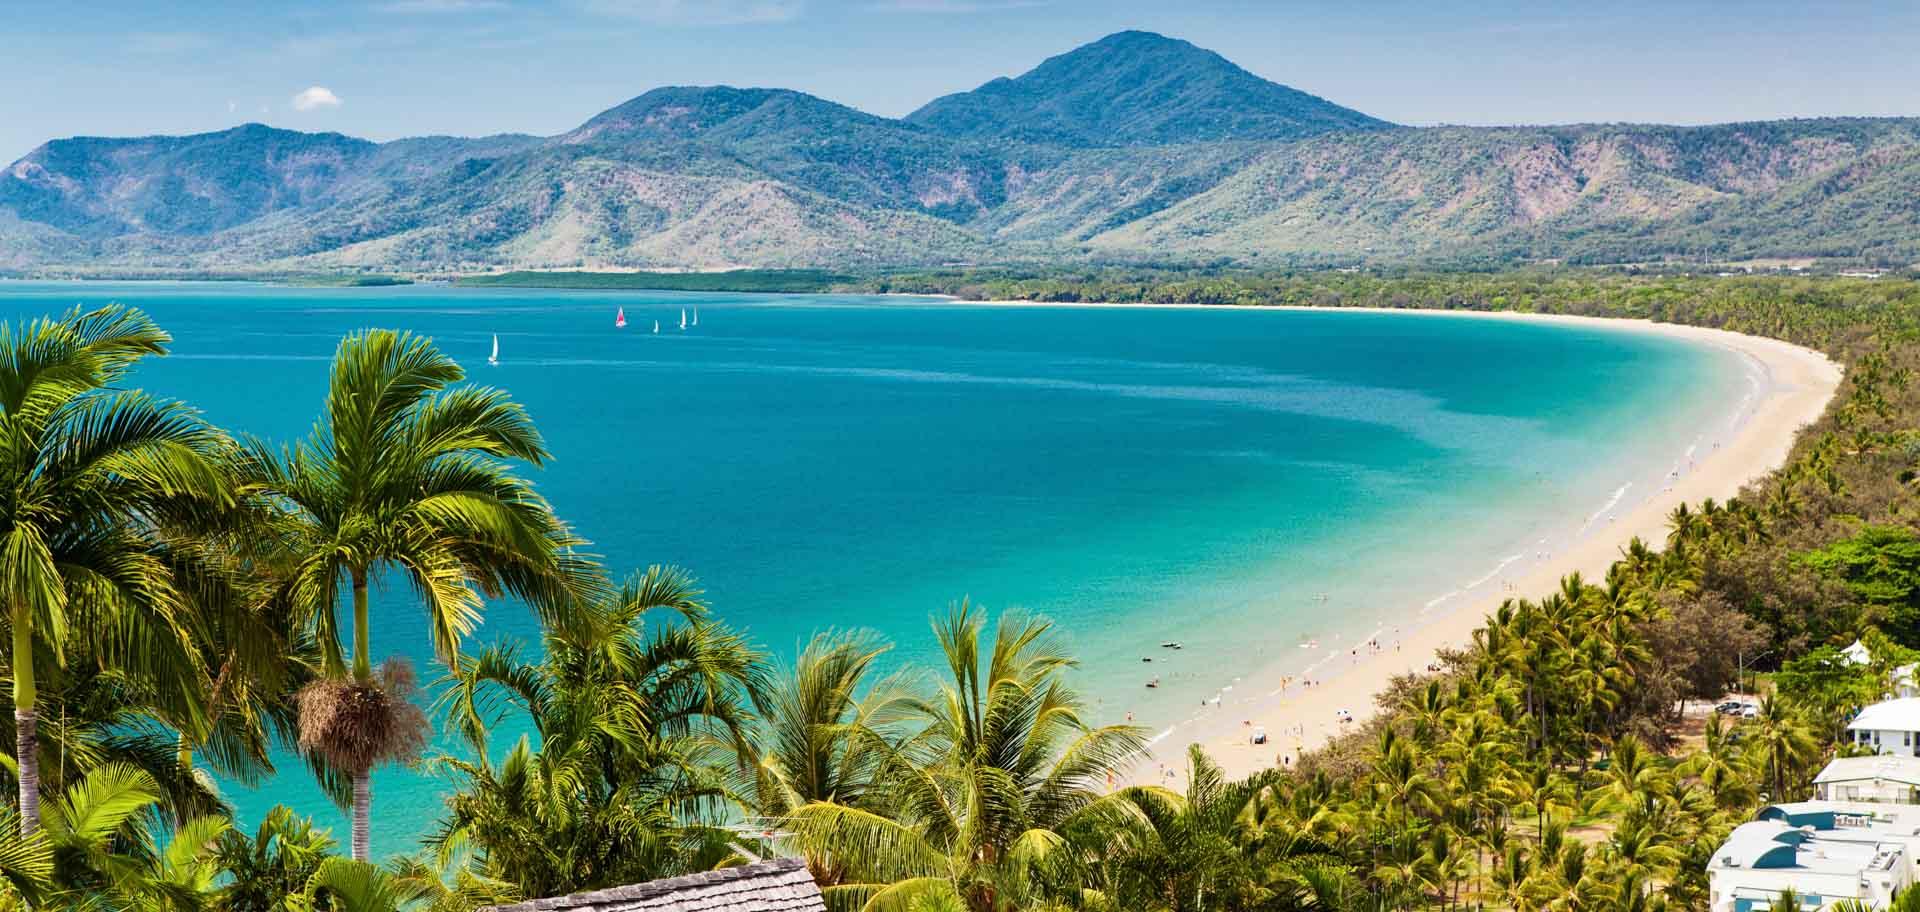 Port Douglas beach - Cairns